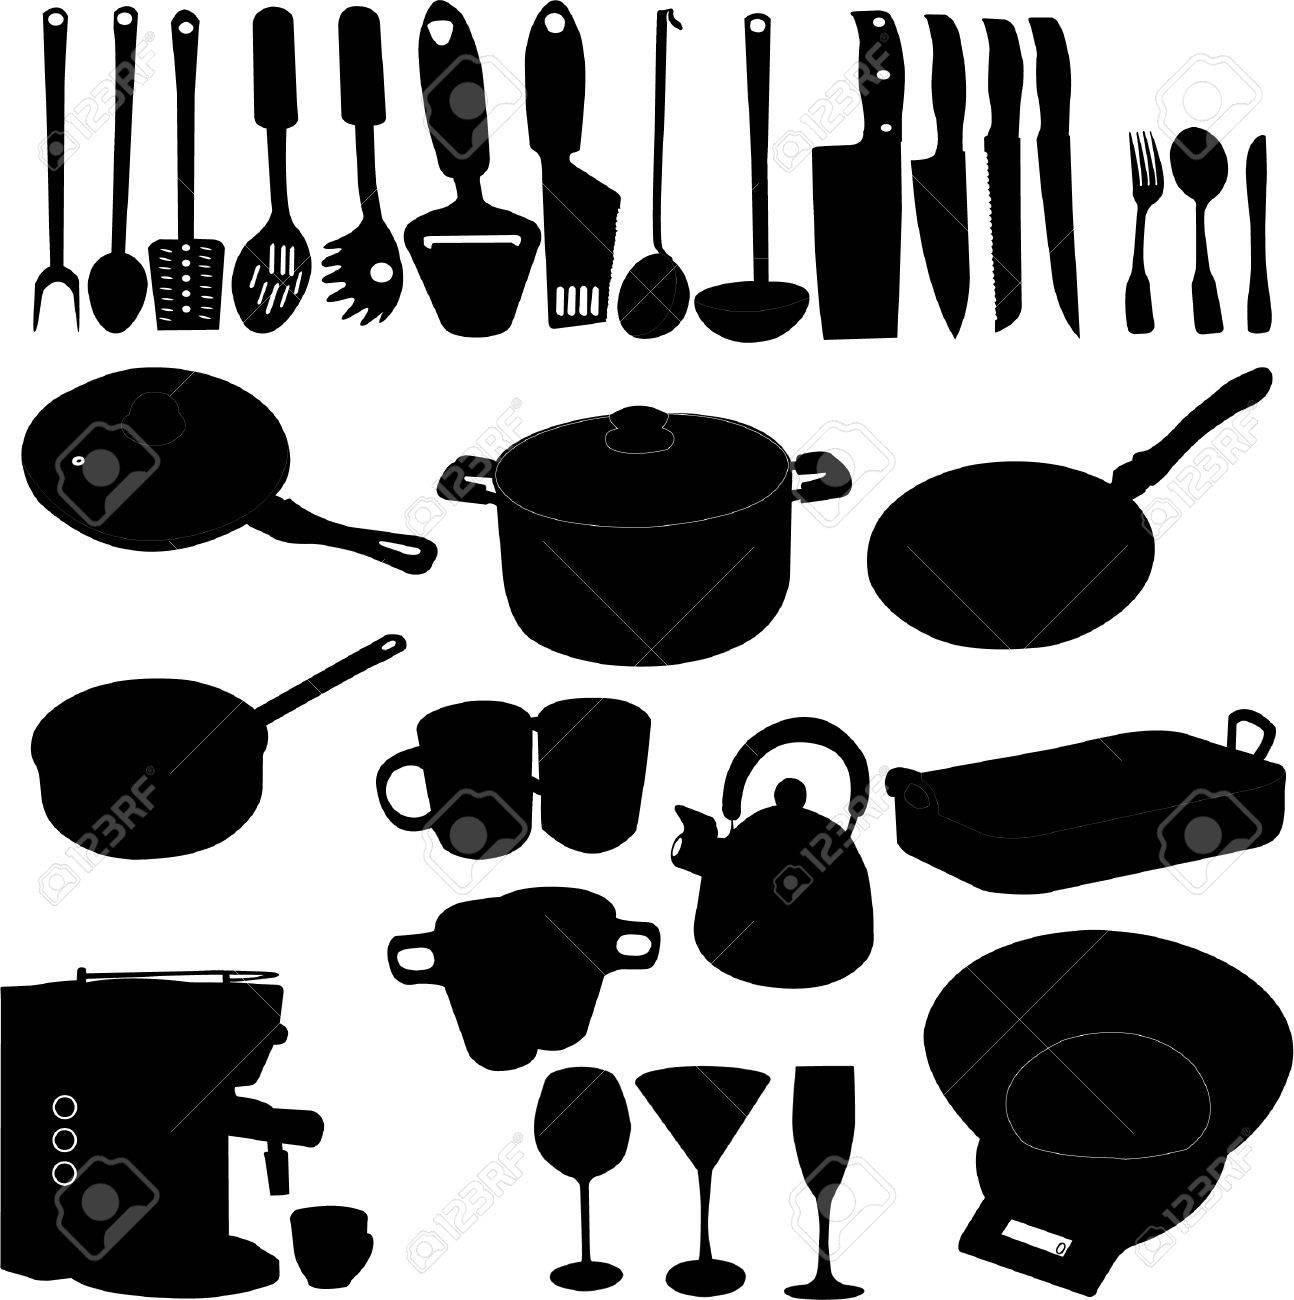 kitchen tool - vector Stock Vector - 6203802